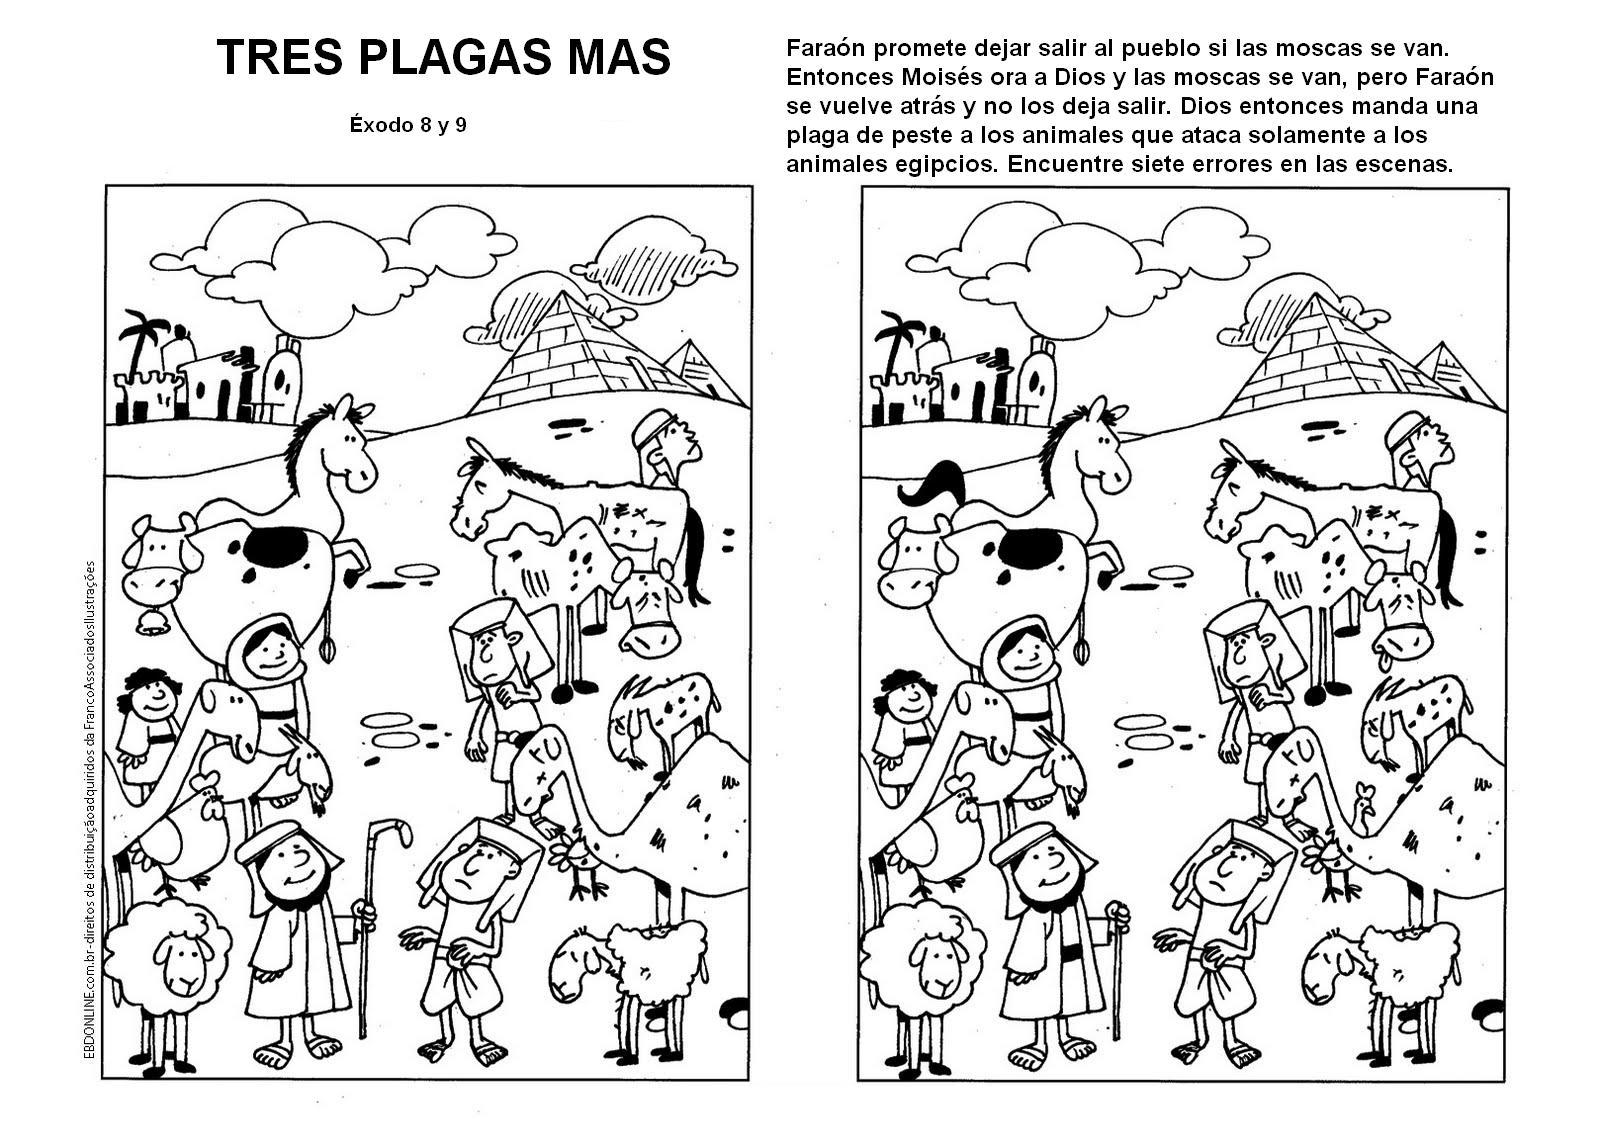 ME ABURRE LA RELIGIÓN: PLAGA 5. LA MUERTE DEL GANADO